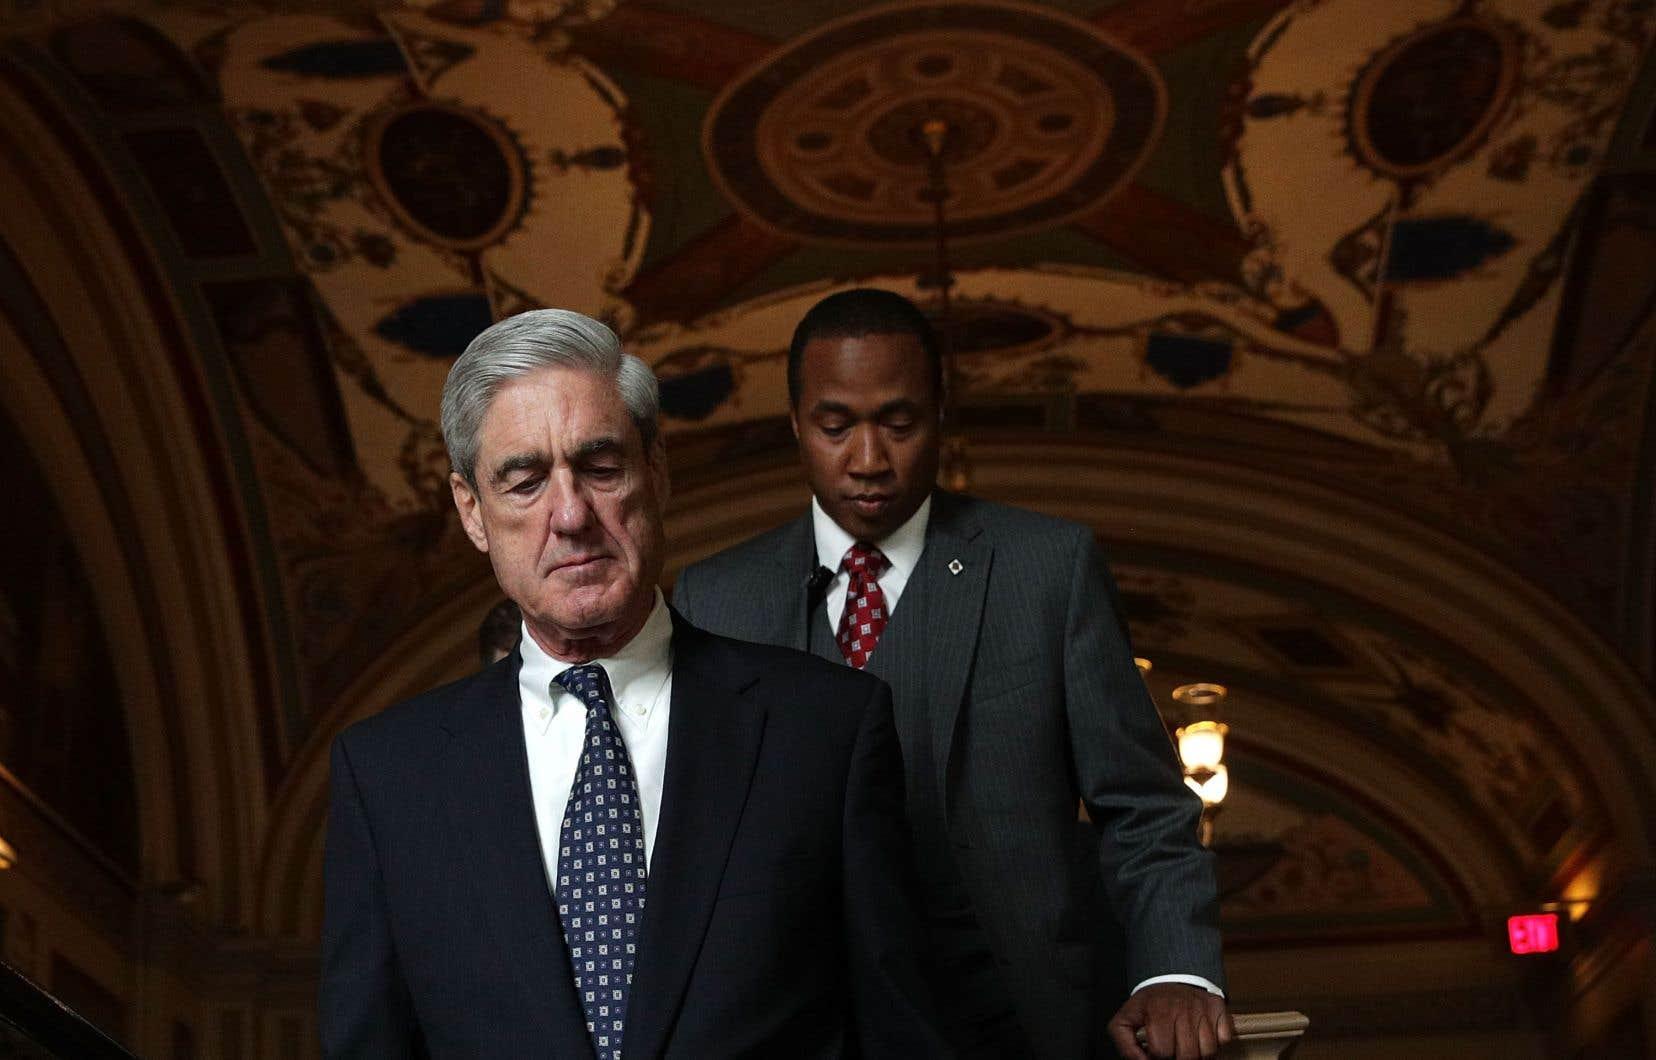 Les accusations visant à déstabiliser M.Mueller s'accumulent au moment même où ses investigations s'accélèrent.